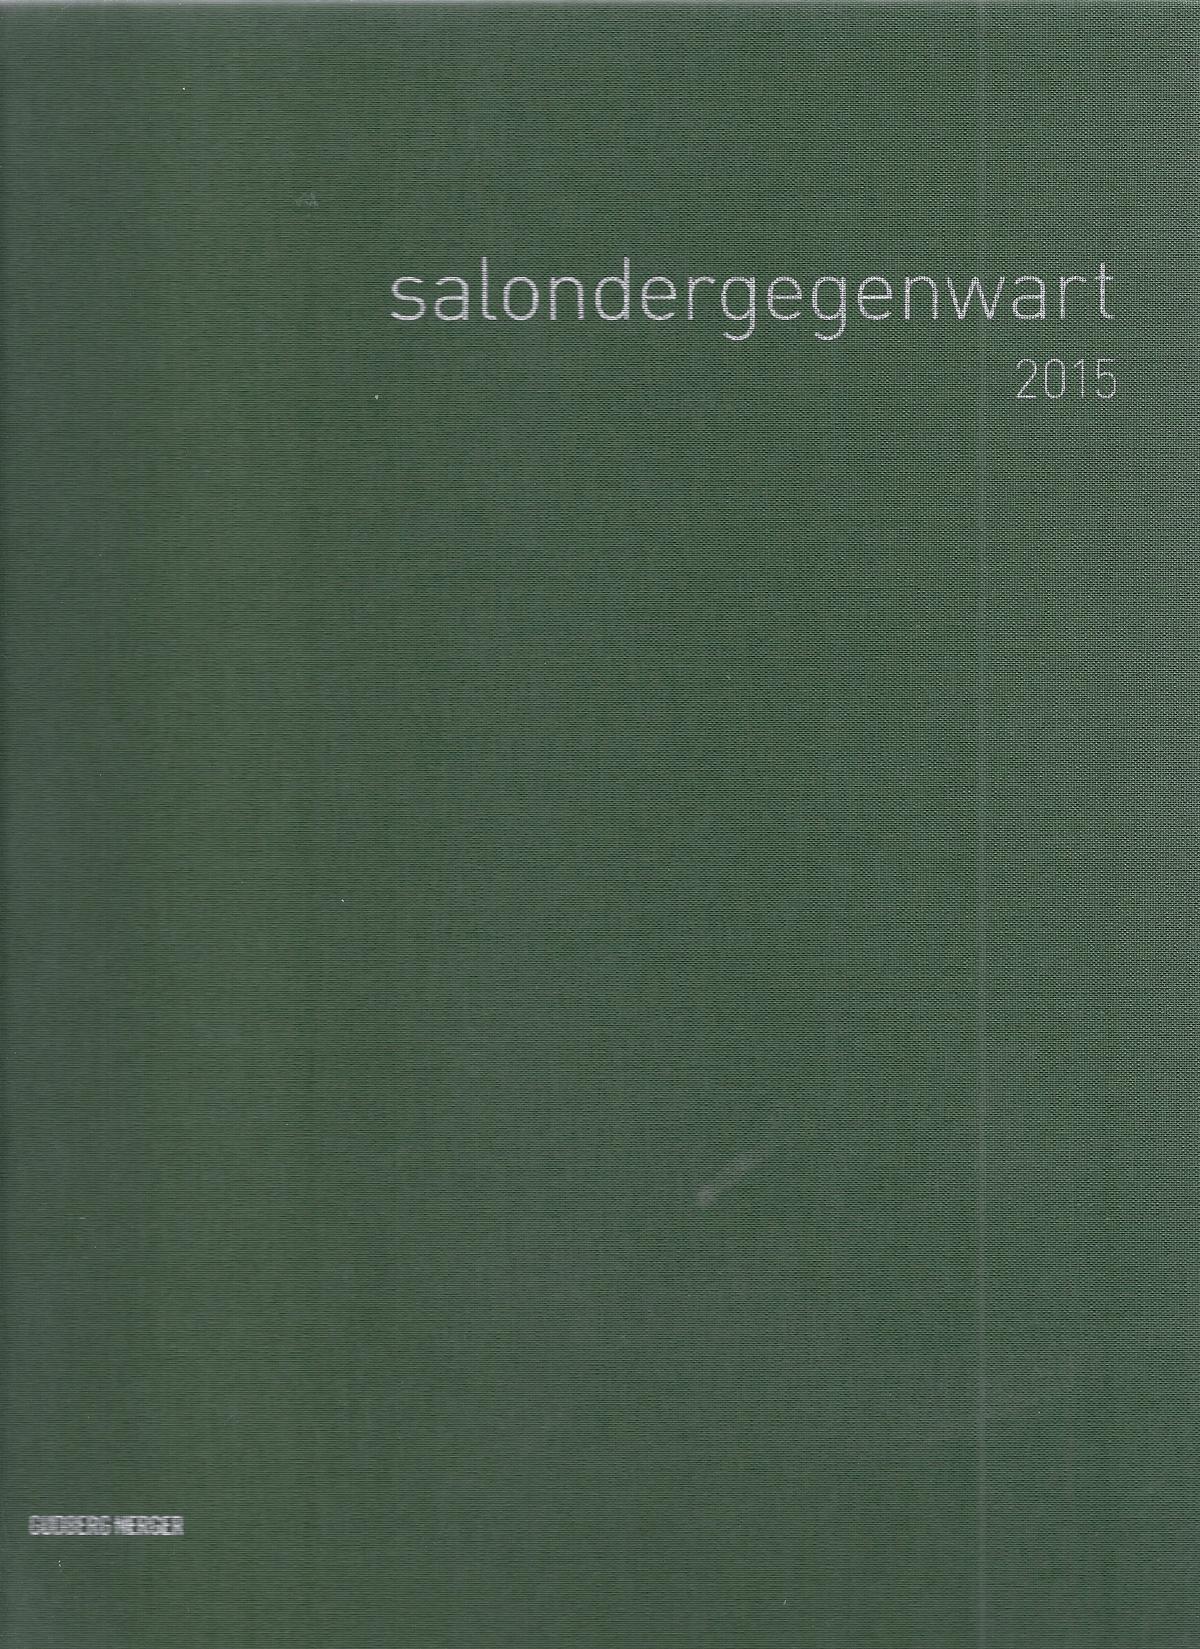 SALONDERGEGENWART 2015. WERKSCHAU.